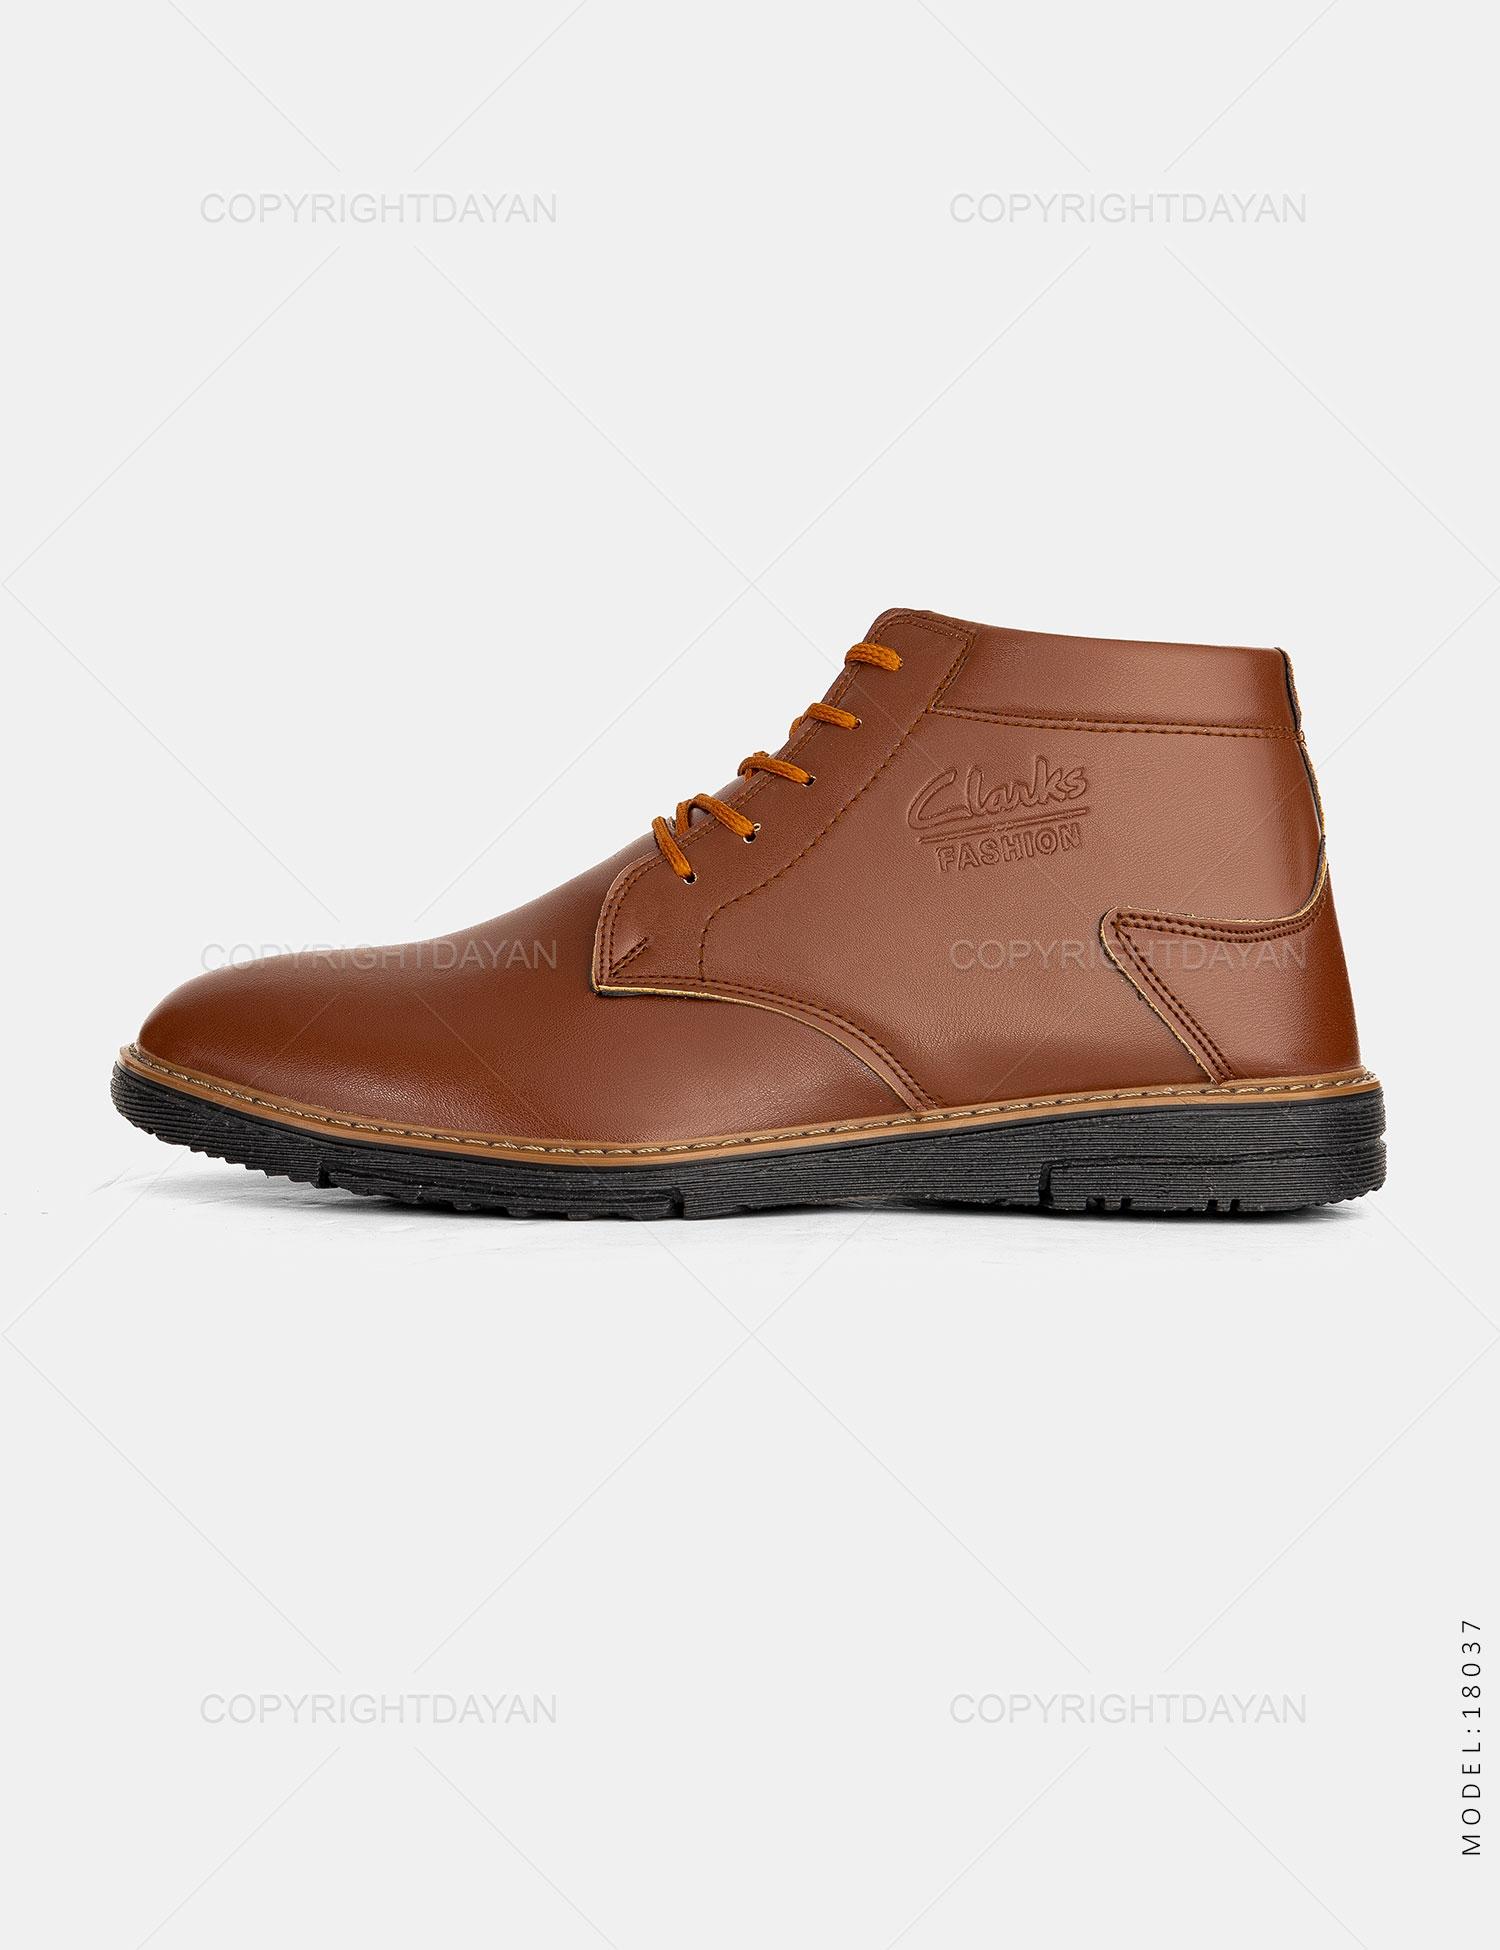 ست کیف و کفش مردانه Clarks مدل 18037